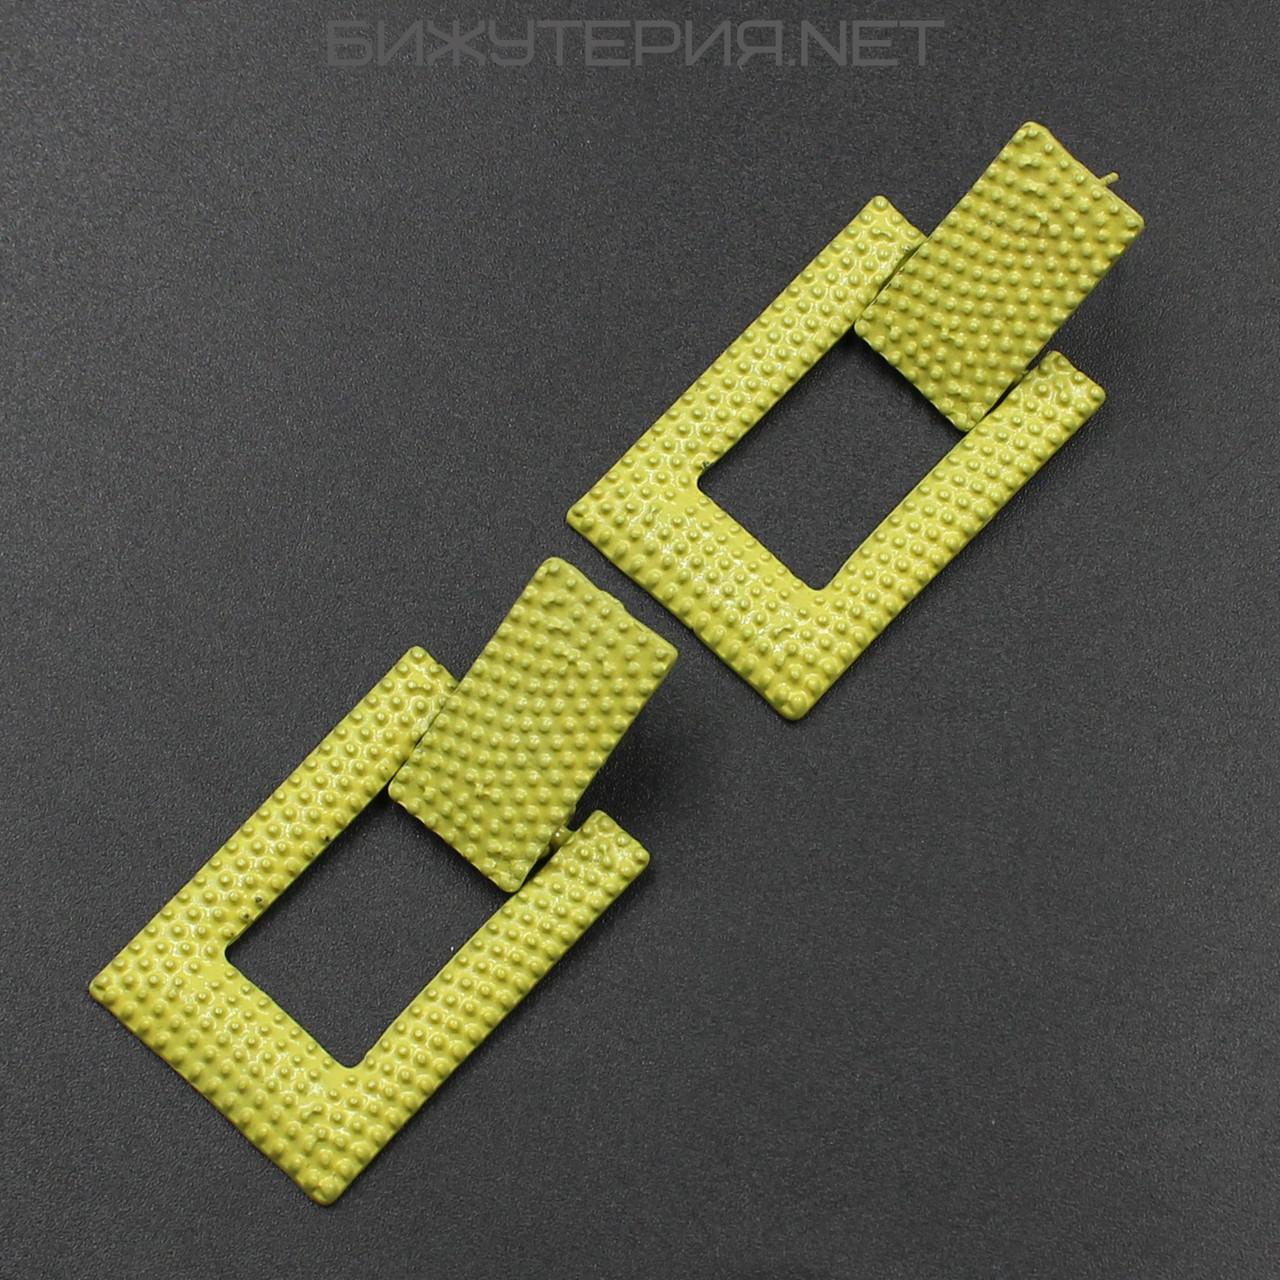 Винтажные серьги JB Геометрия металлические, эмаль желтого цвета - 1054590761